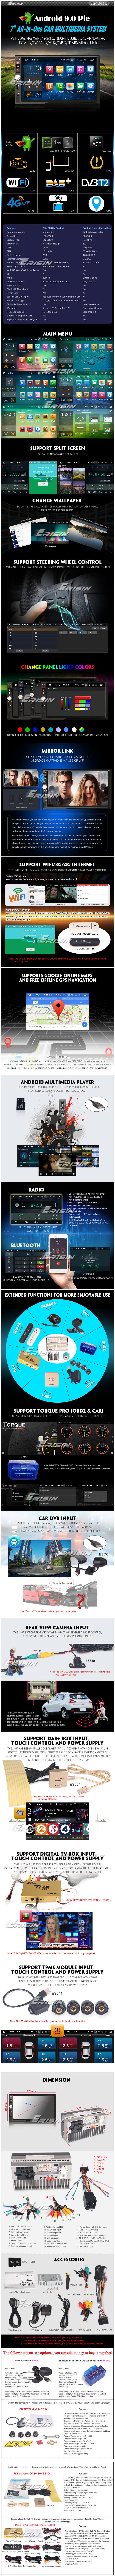 Erisin ES4841U 7 inch 2 Din Android 9 0 Car Stereo GPS WiFi DAB+DVR